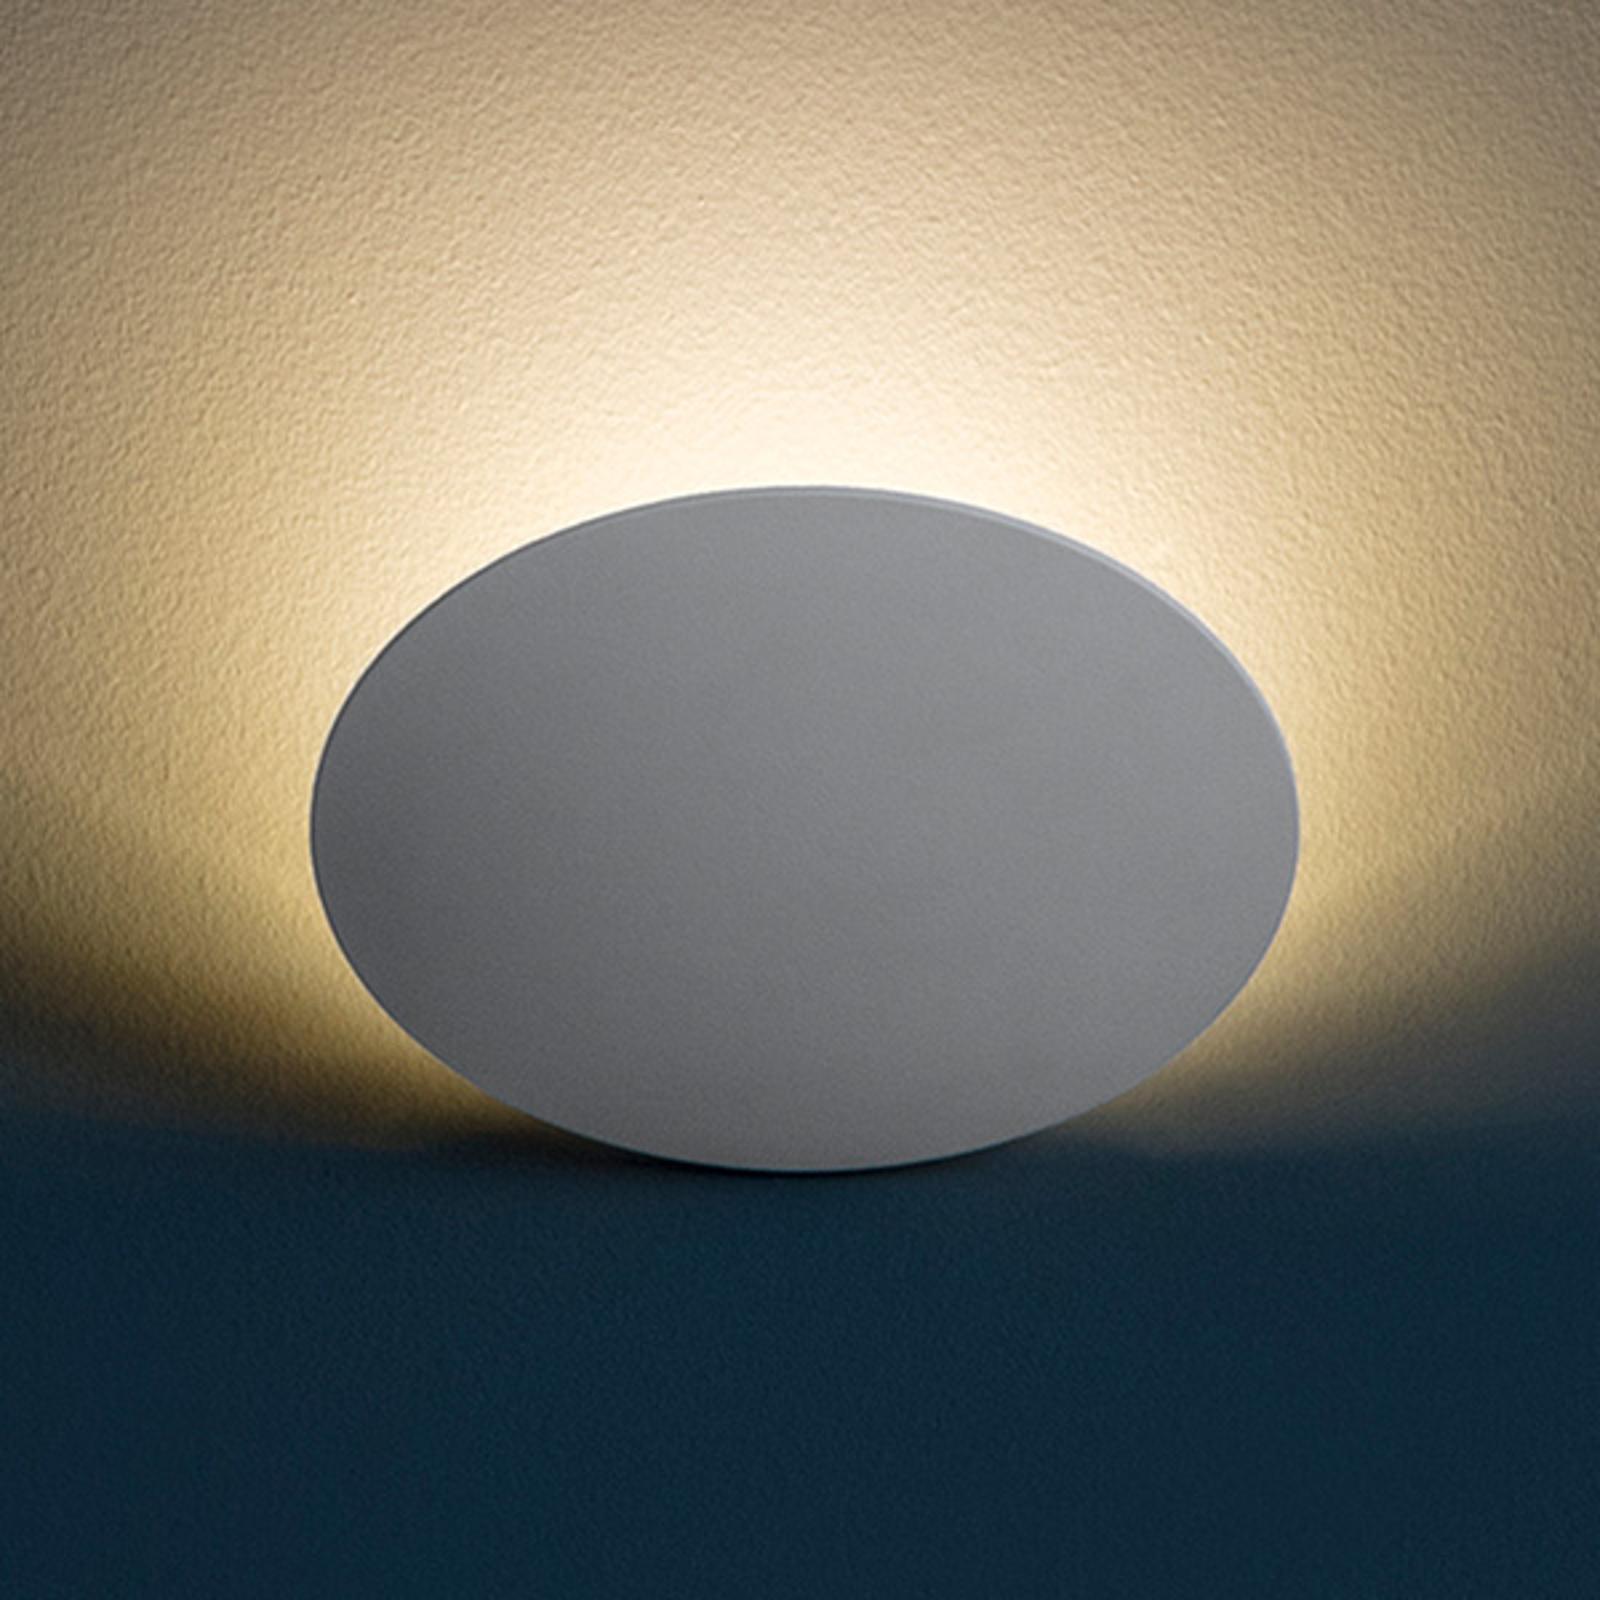 Catellani & Smith Lederam LWF176 LED-Wandleuchte